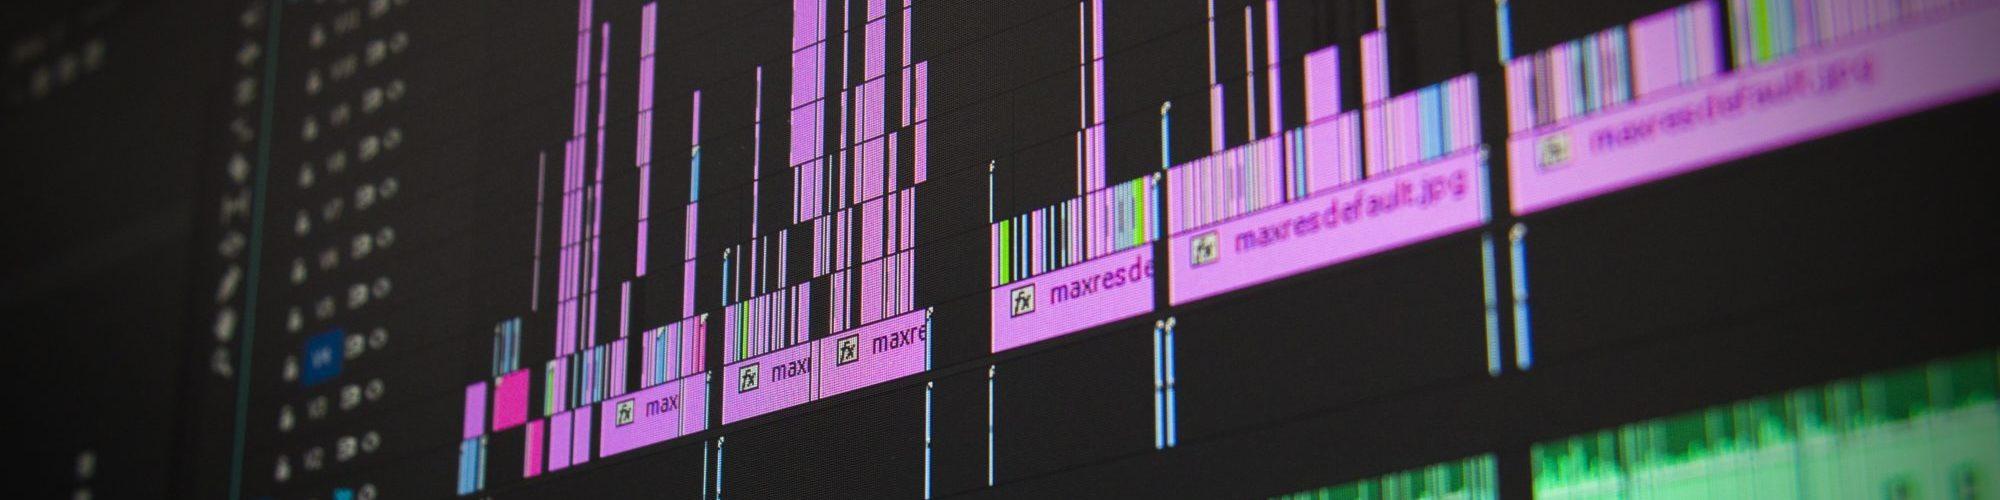 logiciel de montage au chateau troissy internat college lycee cinema 7e art film